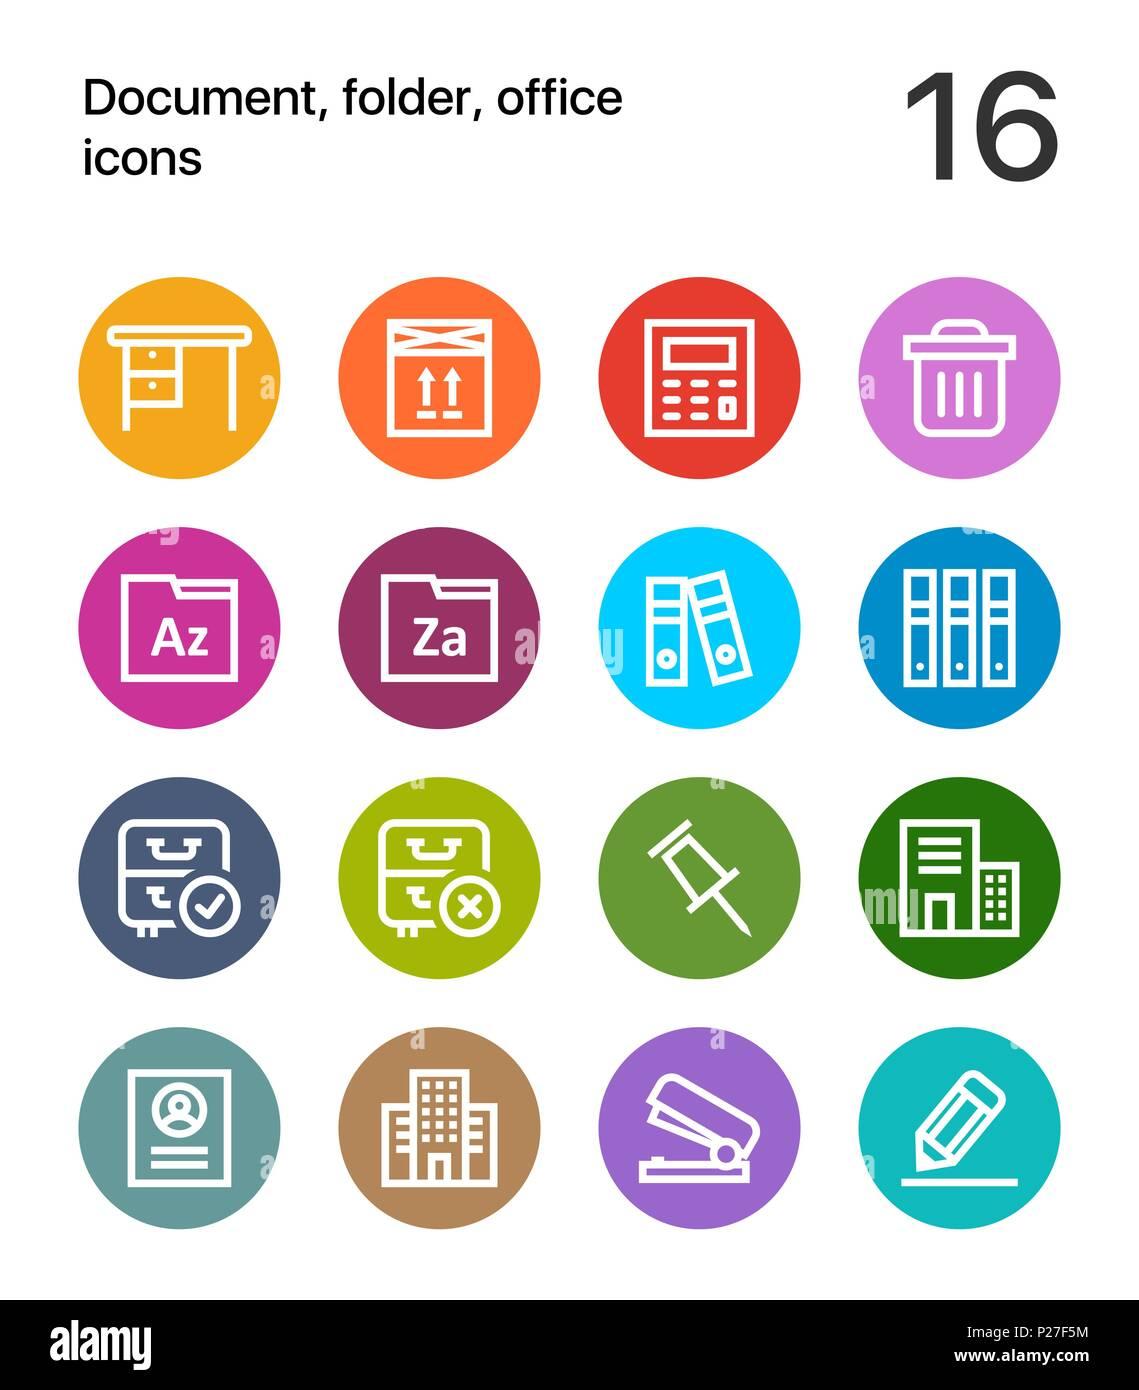 Bunte Dokument Ordner Buro Symbole Fur Web Und Mobile Design Pack